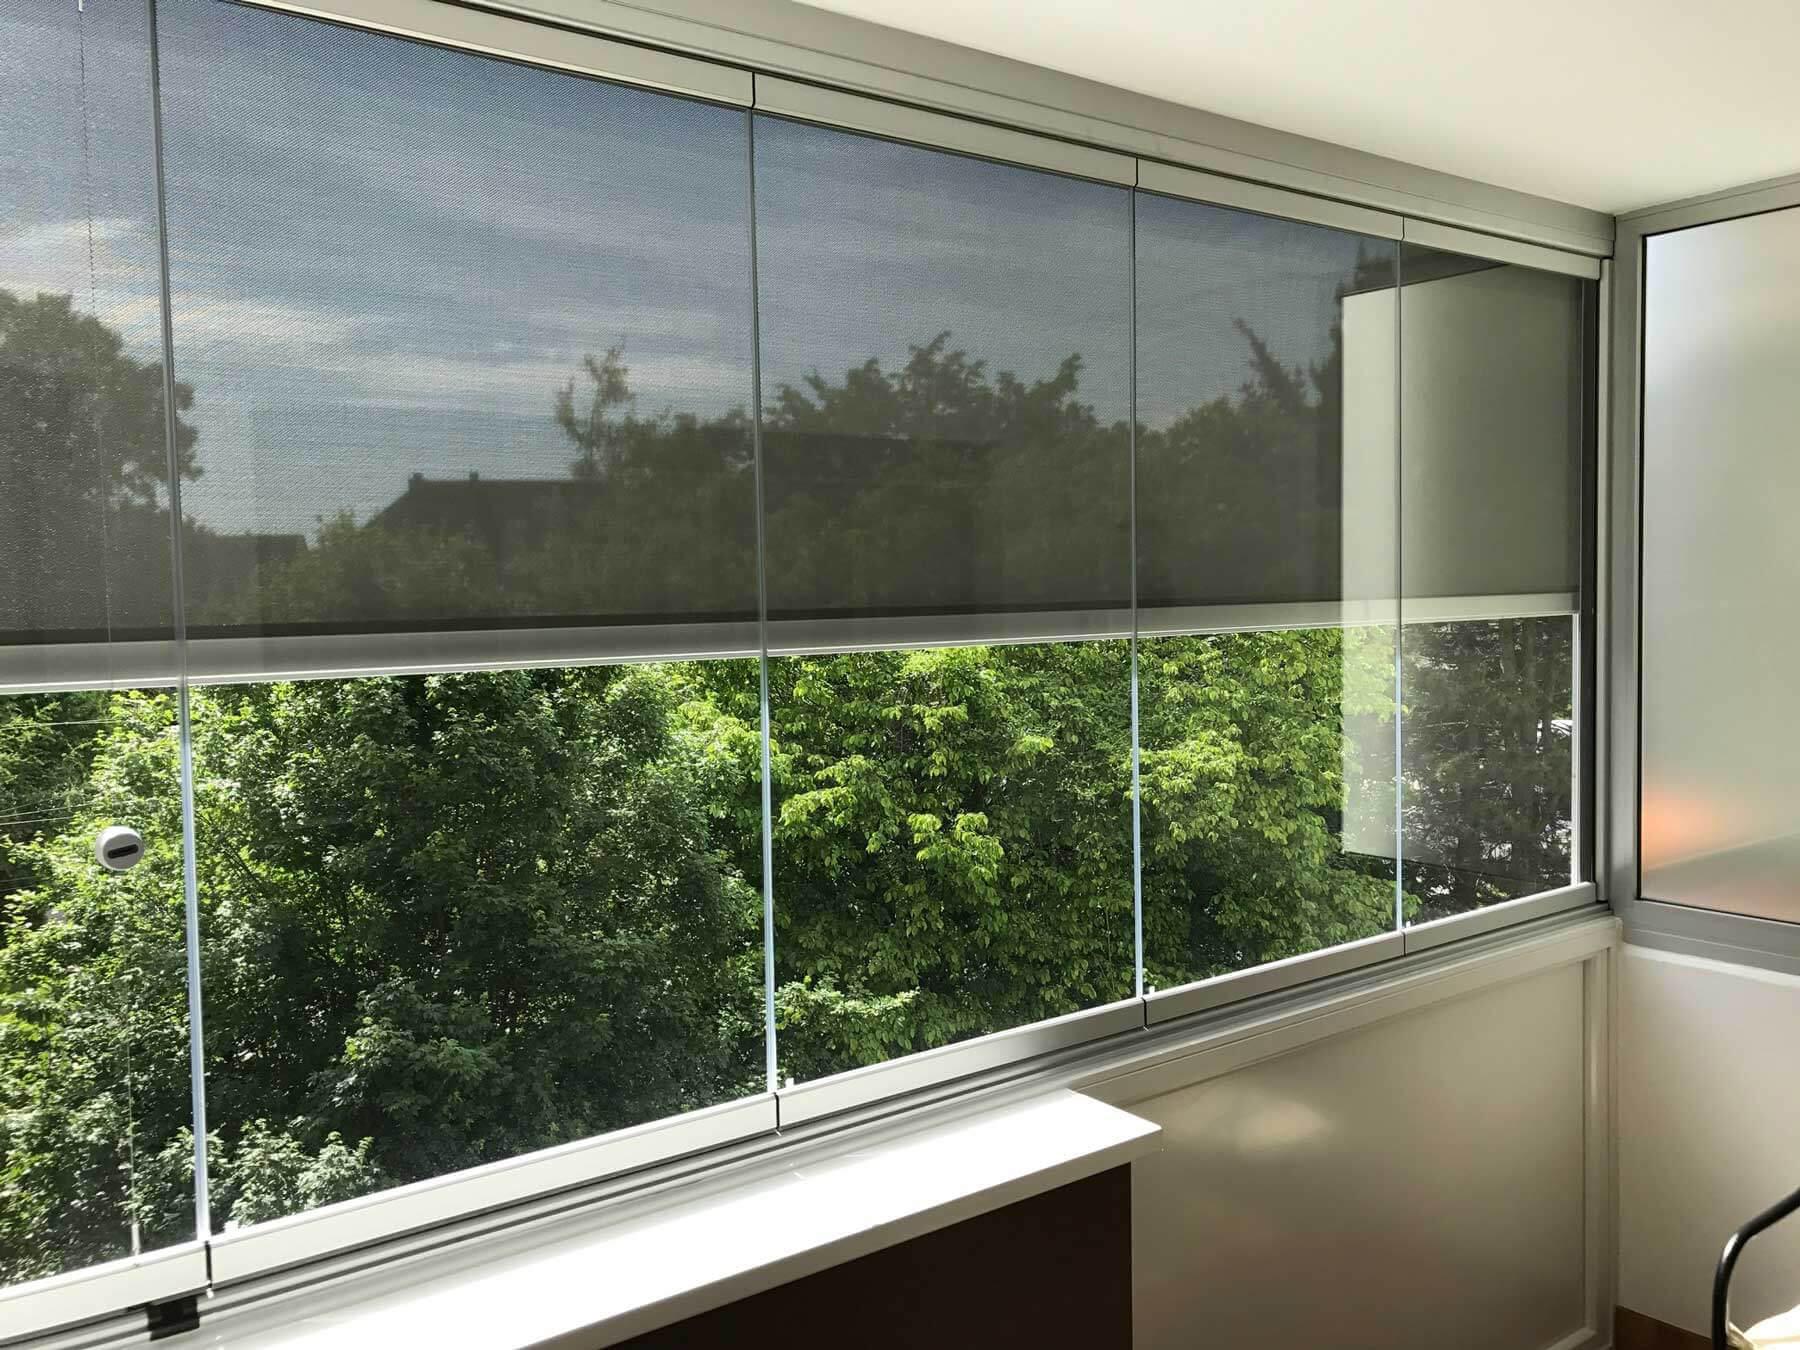 Balkonverglasungen faltbar mit Beschattung